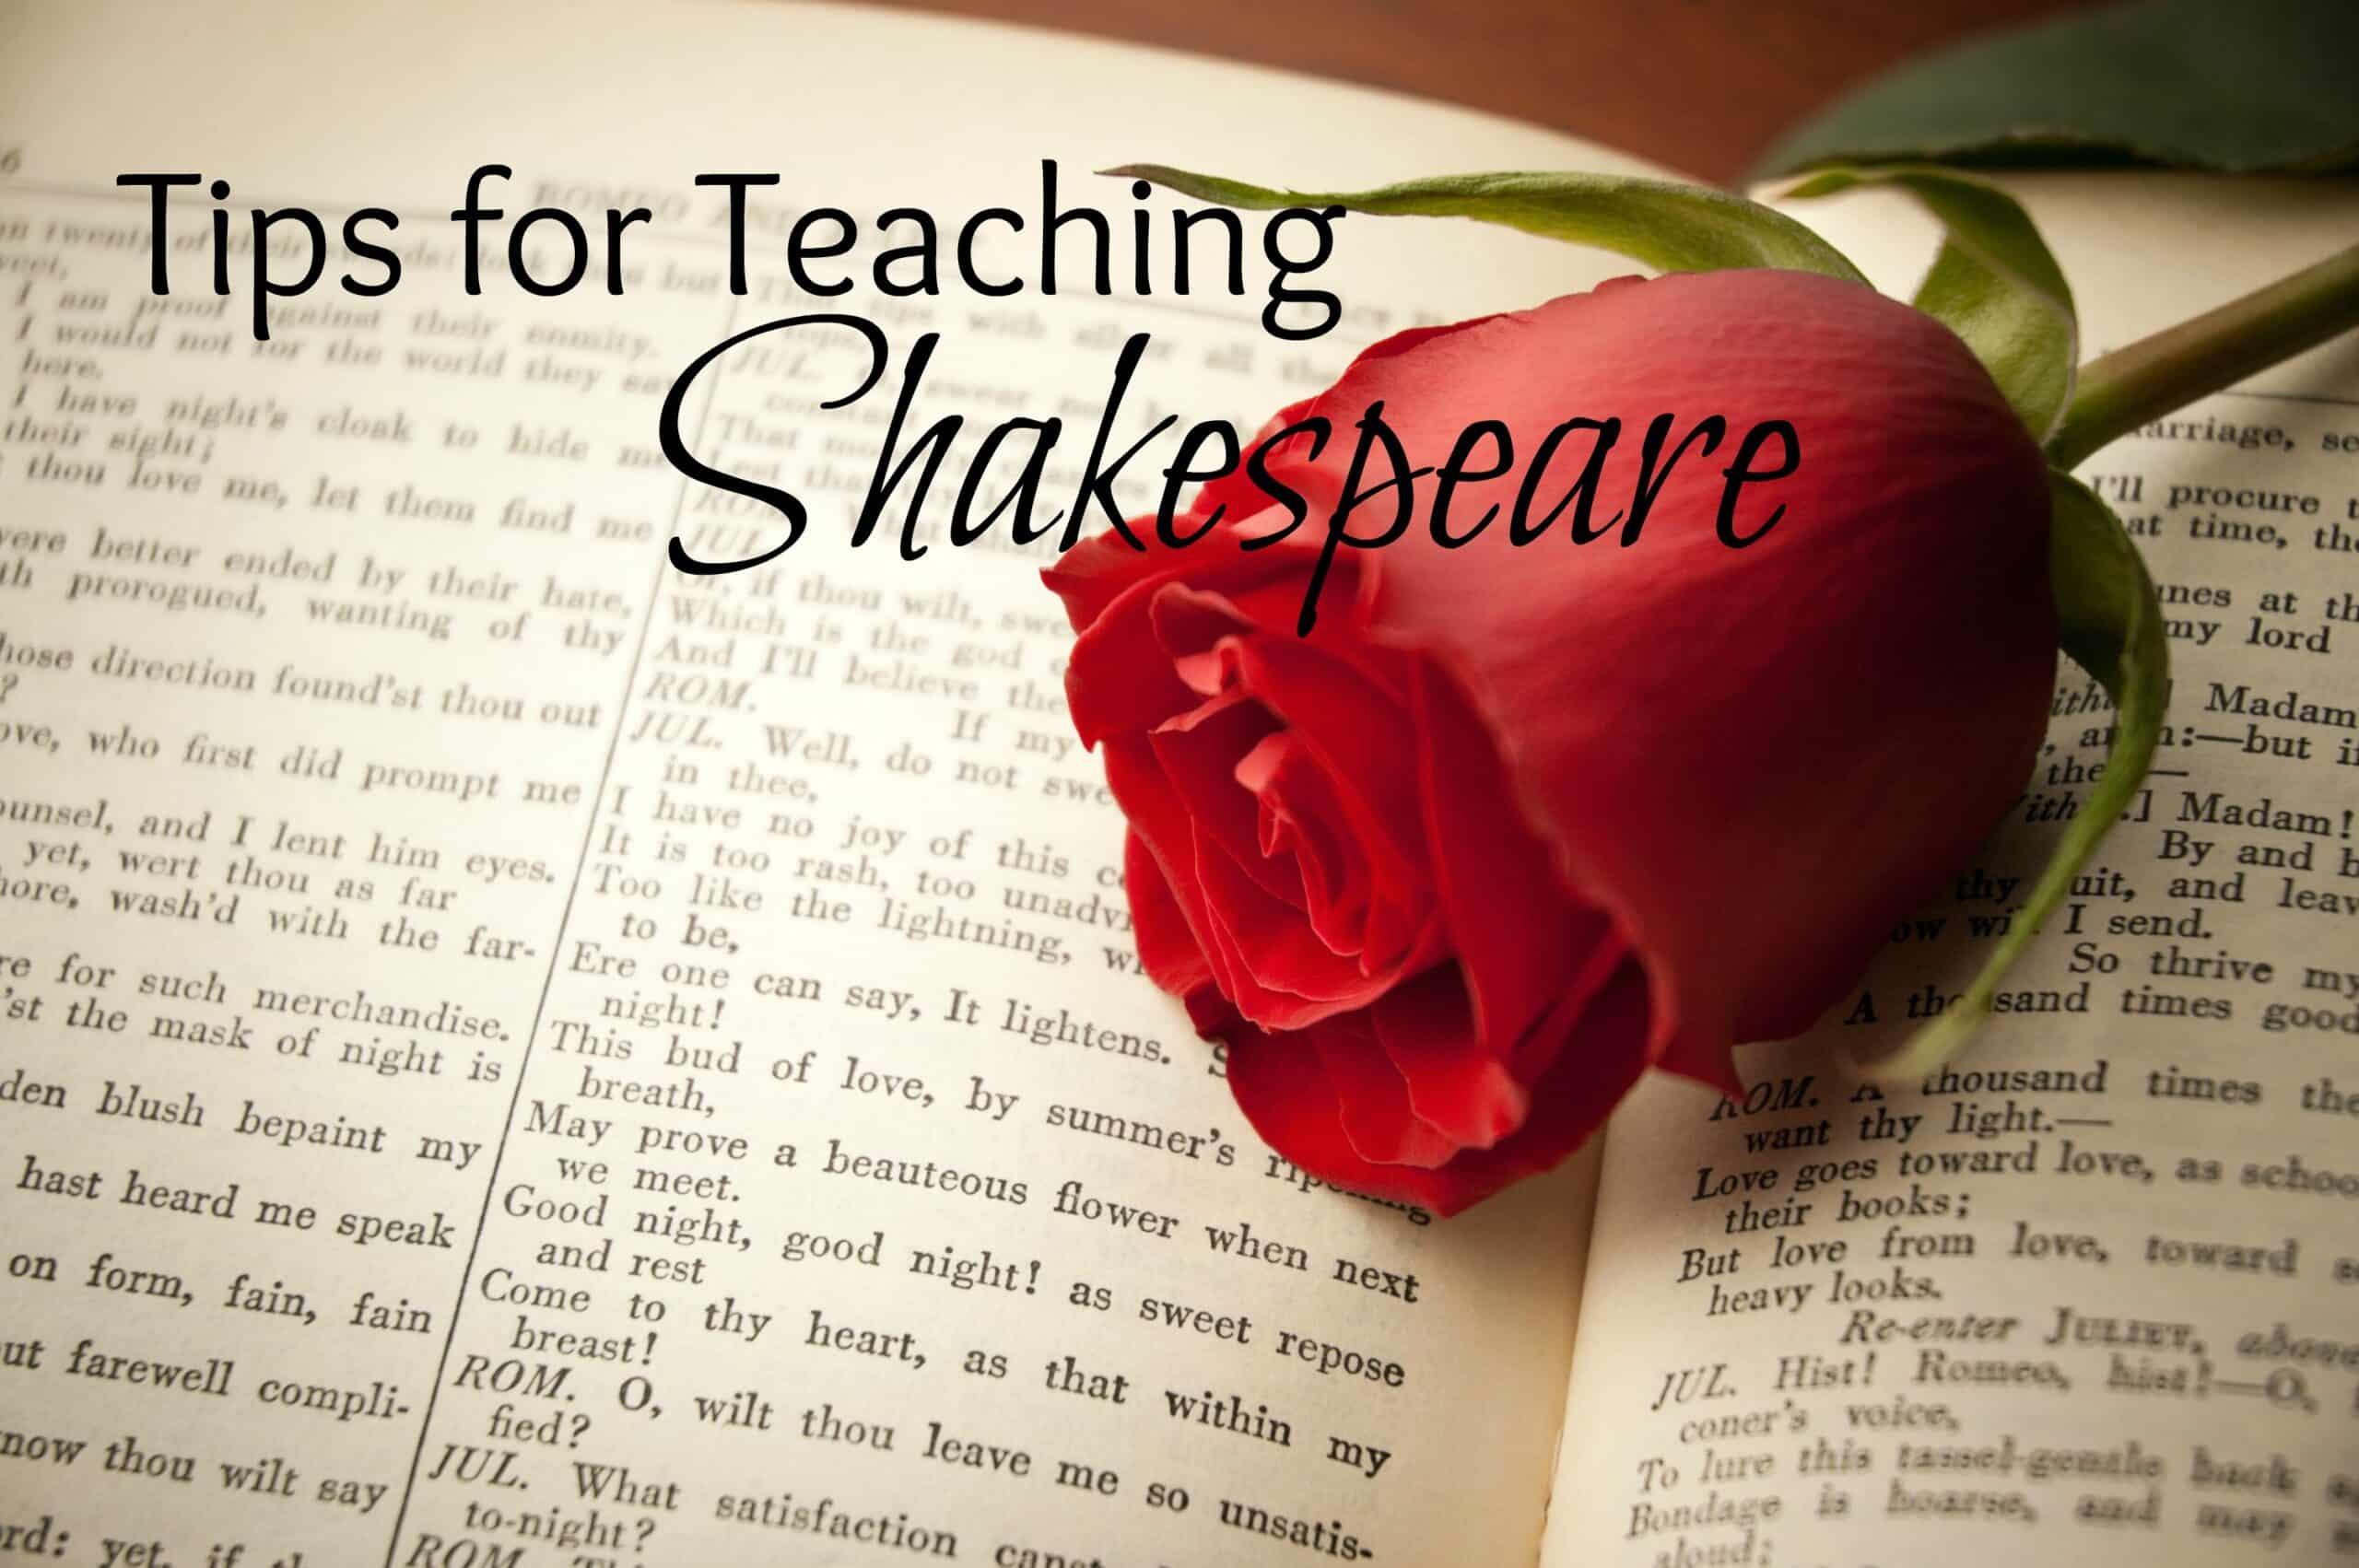 Tips for Teaching Shakespeare